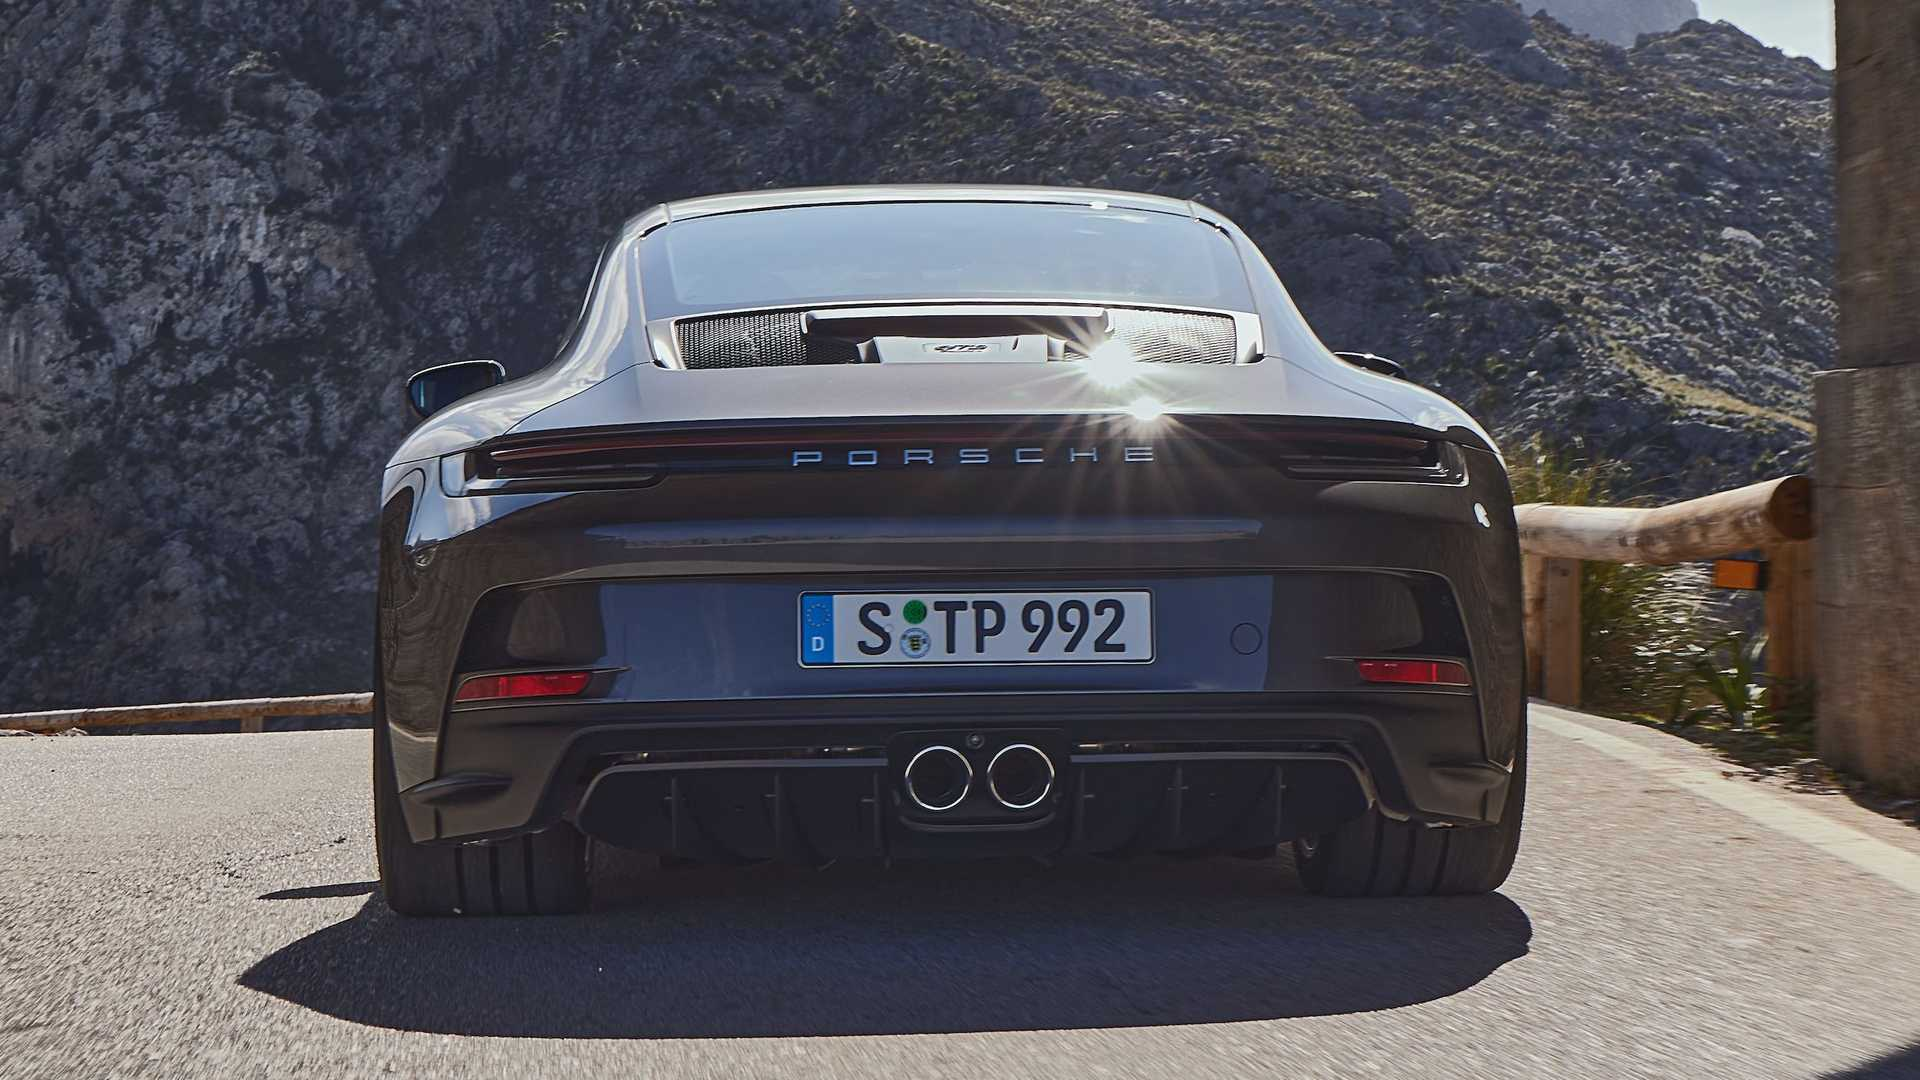 بورشه 911 جي تي 3 تورينج 2022